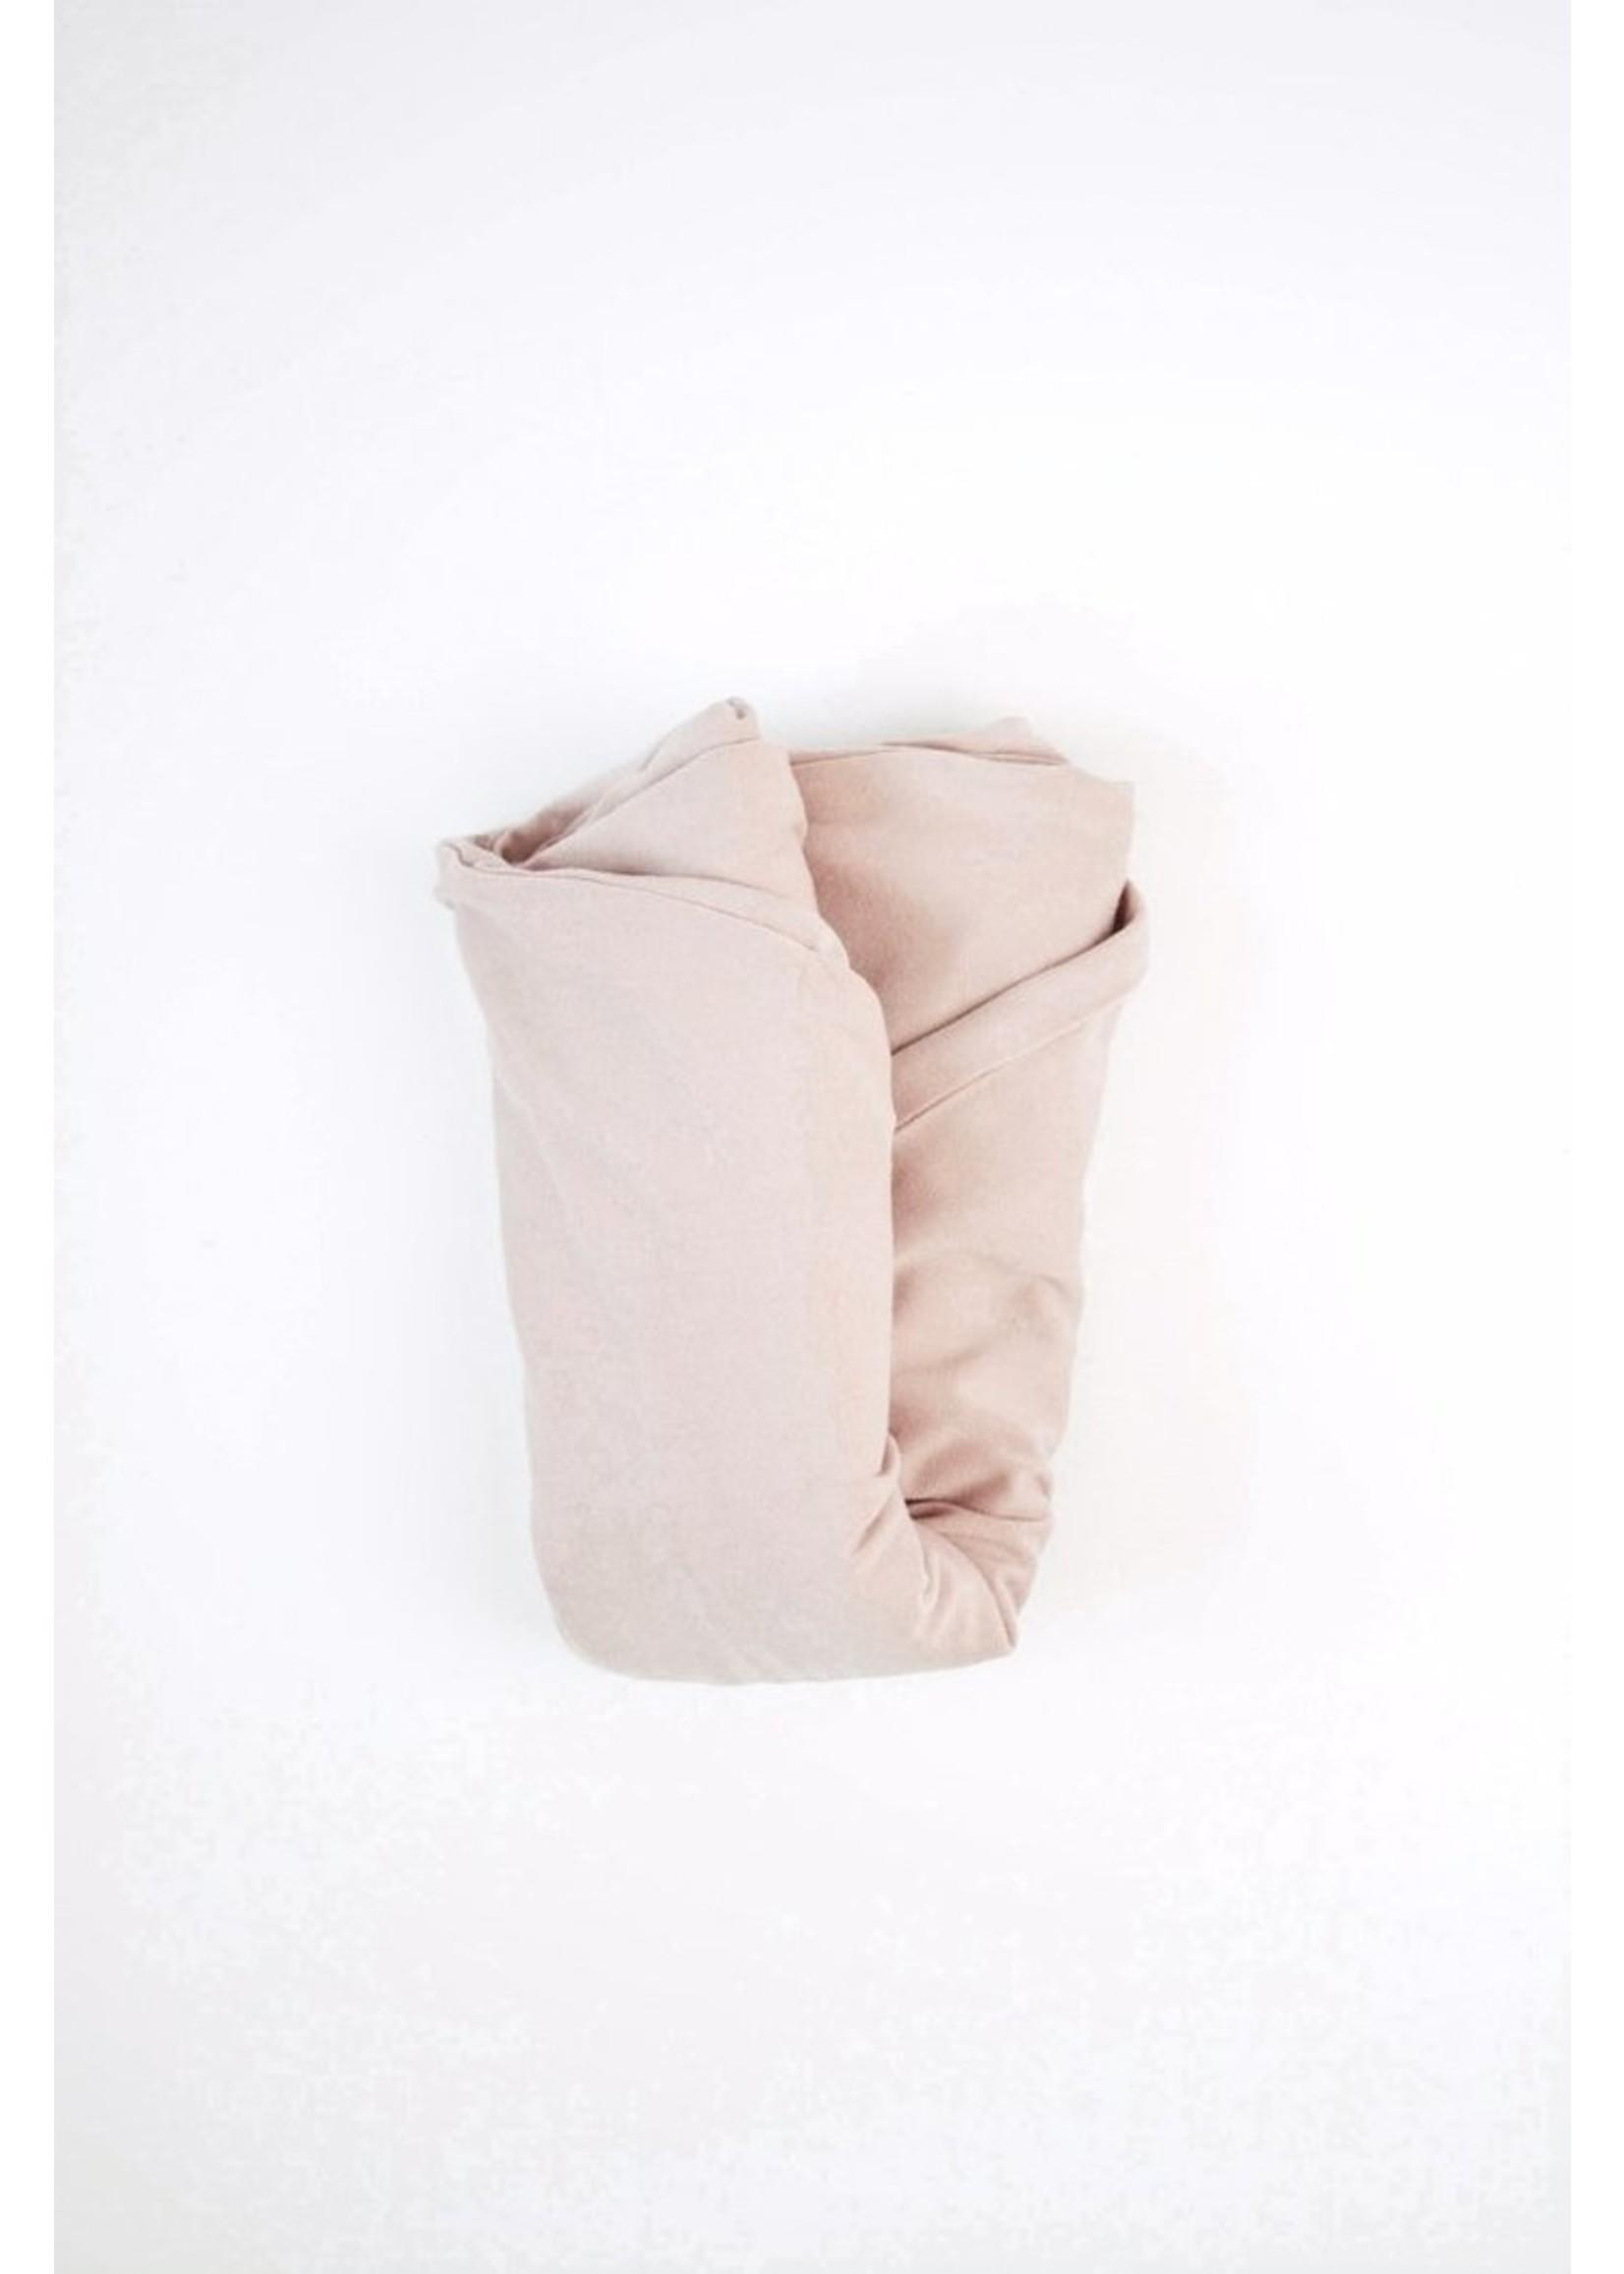 Sleeptight Housse pour coussin Blush